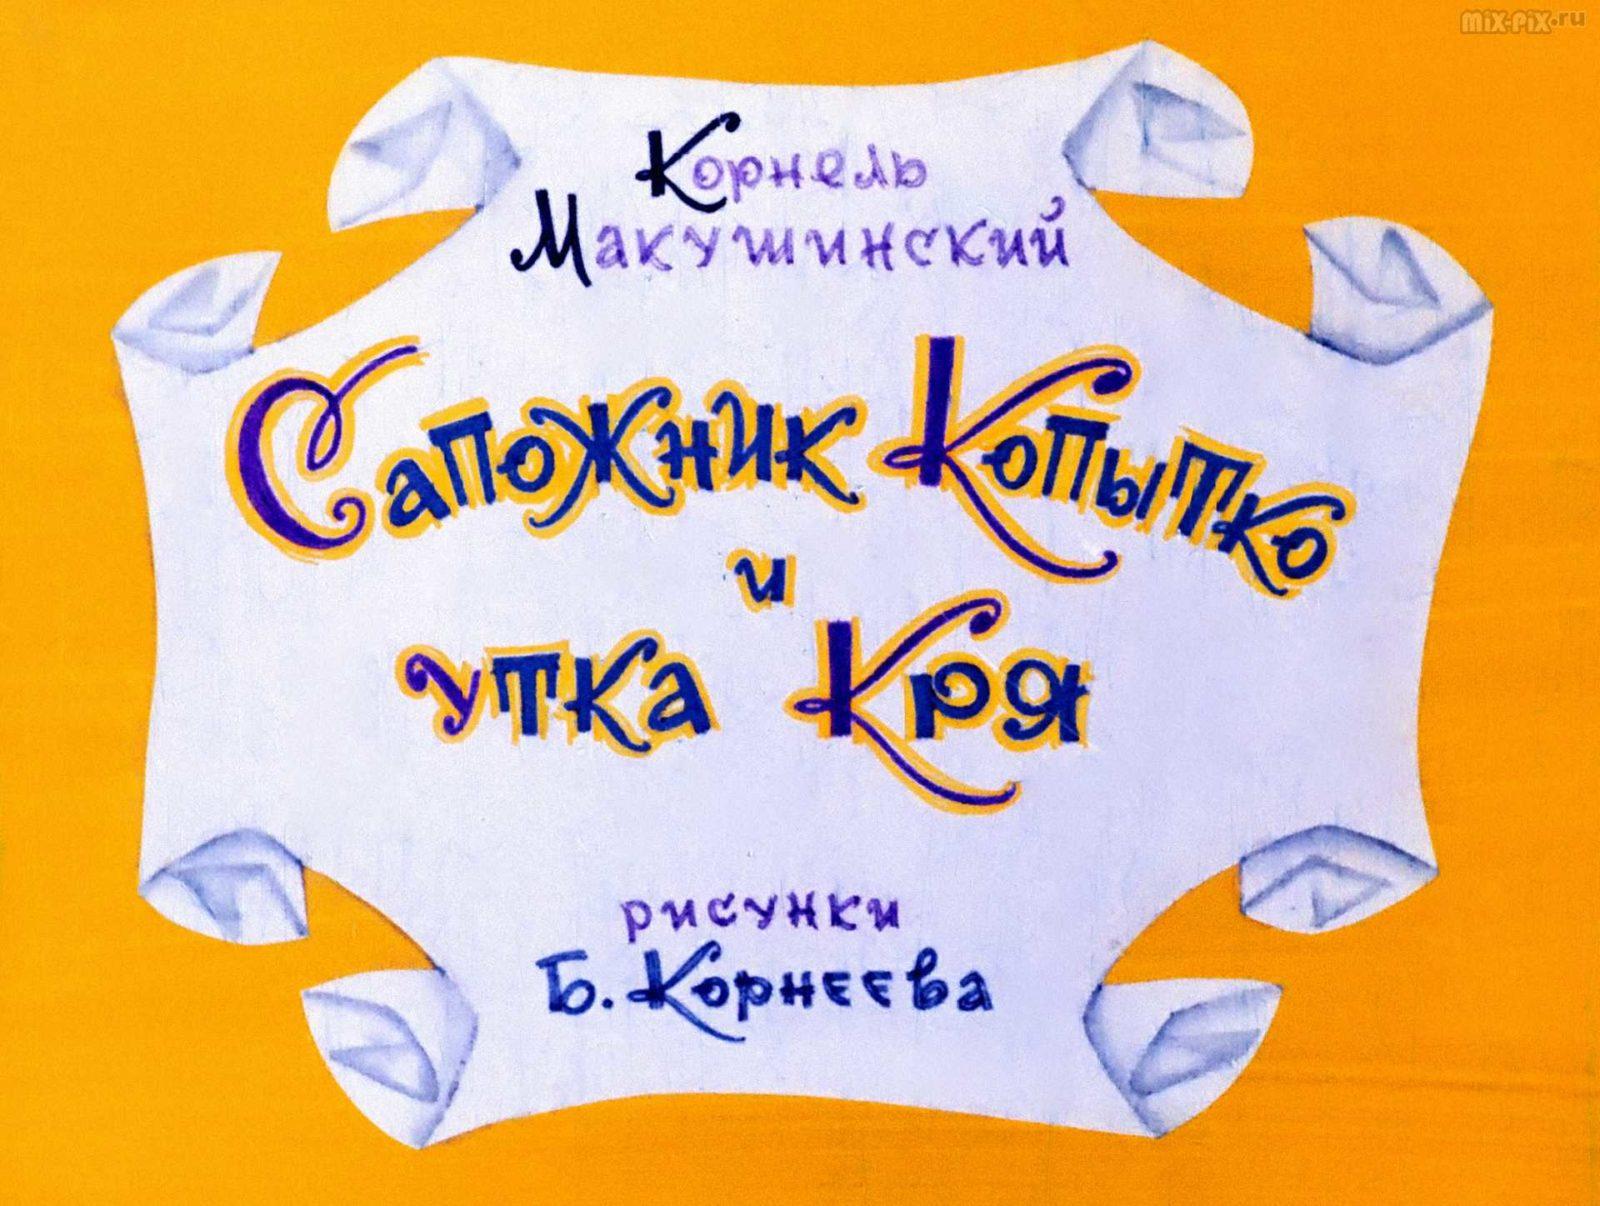 Сапожник Копытко и утка Кря (1972) 24